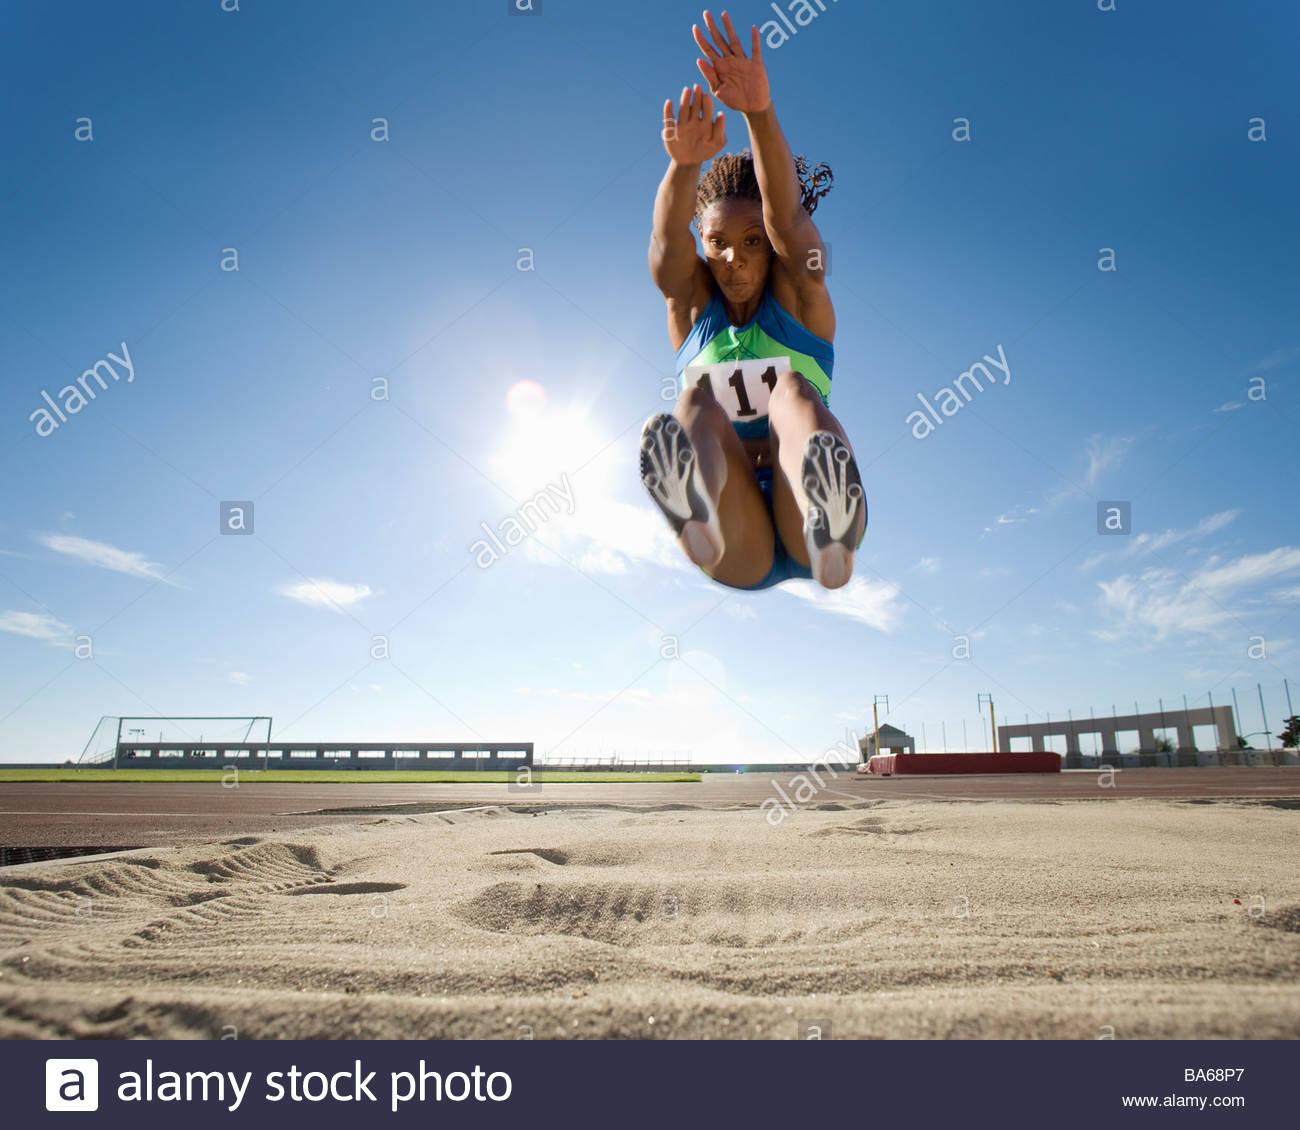 Afrikanische Sportlerin der Luft beim Weitsprung Stockbild